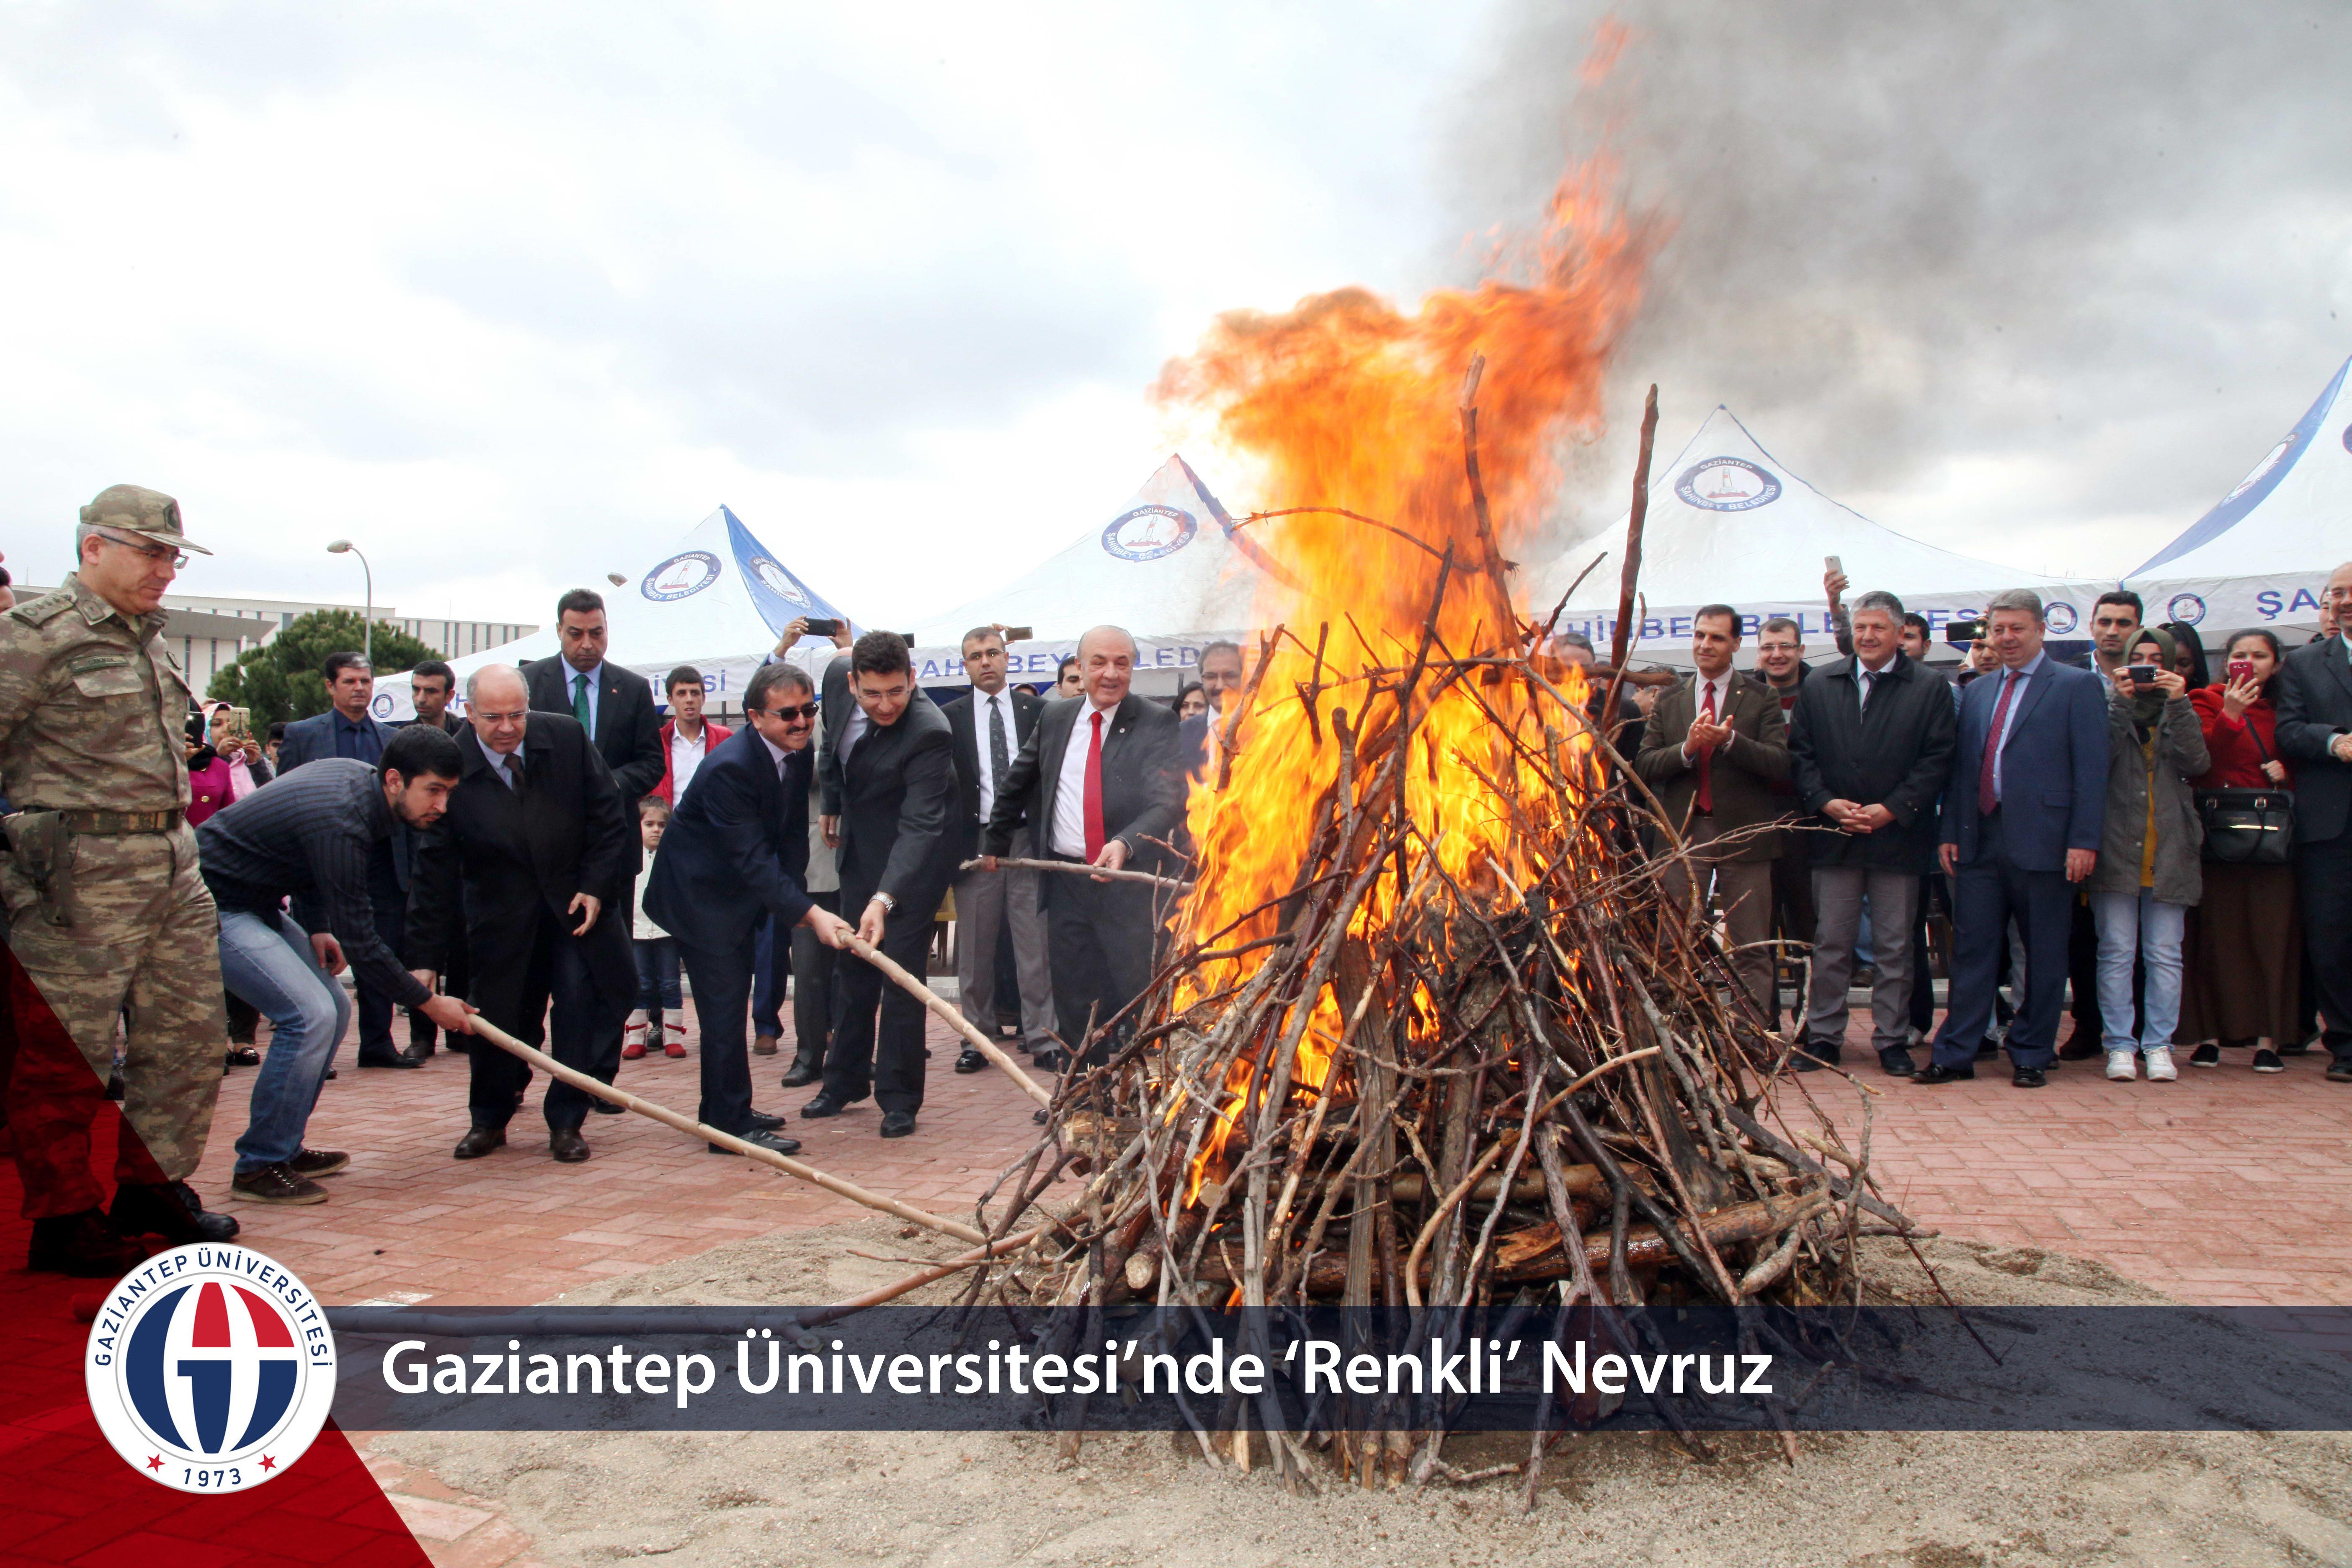 Gaziantep Üniversitesi'nde 'Renkli' Nevruz_